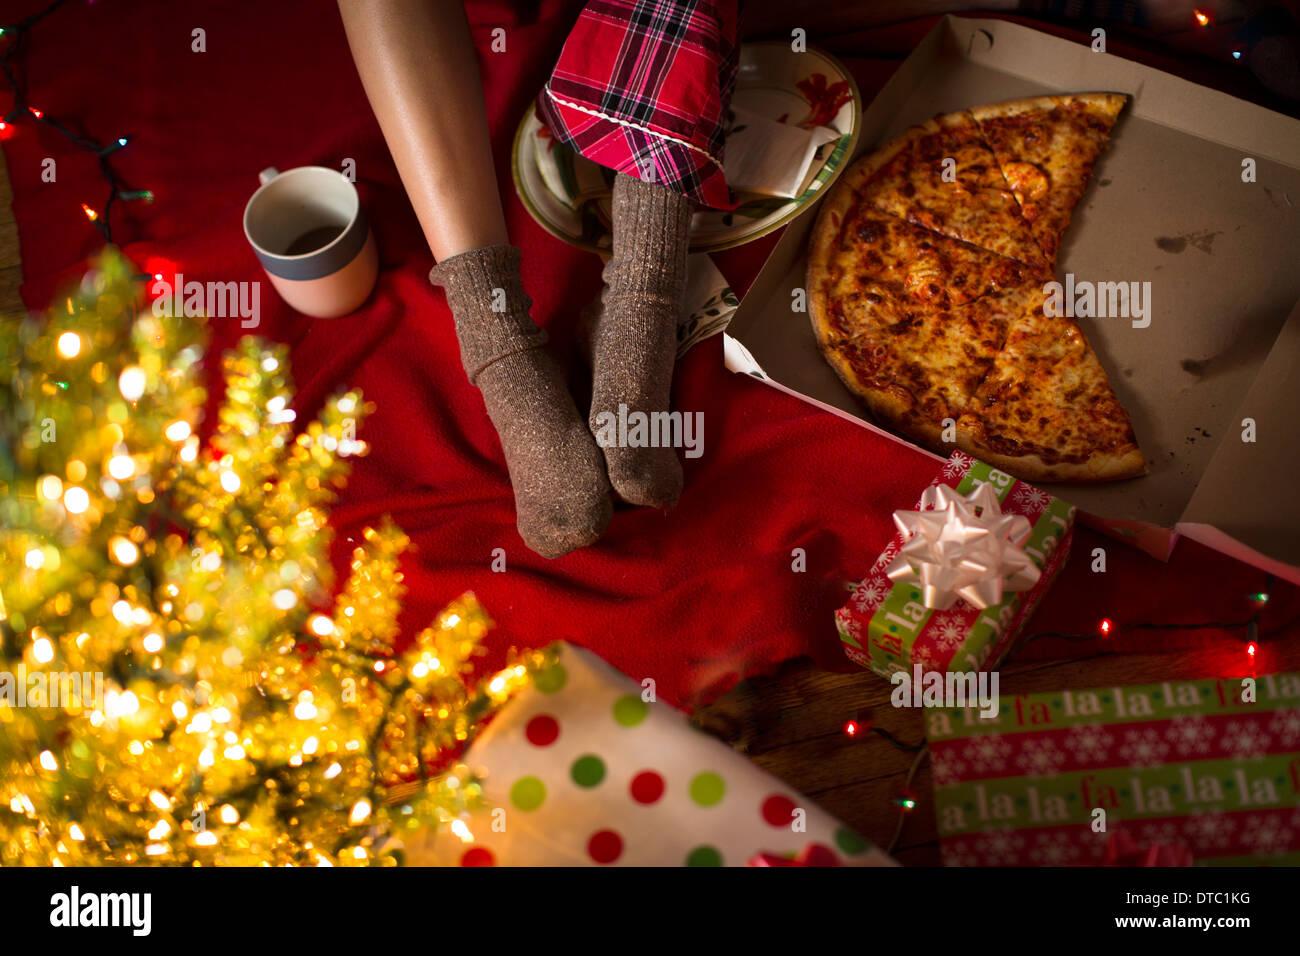 Weihnachtsstand Essen Stockfotos & Weihnachtsstand Essen Bilder - Alamy